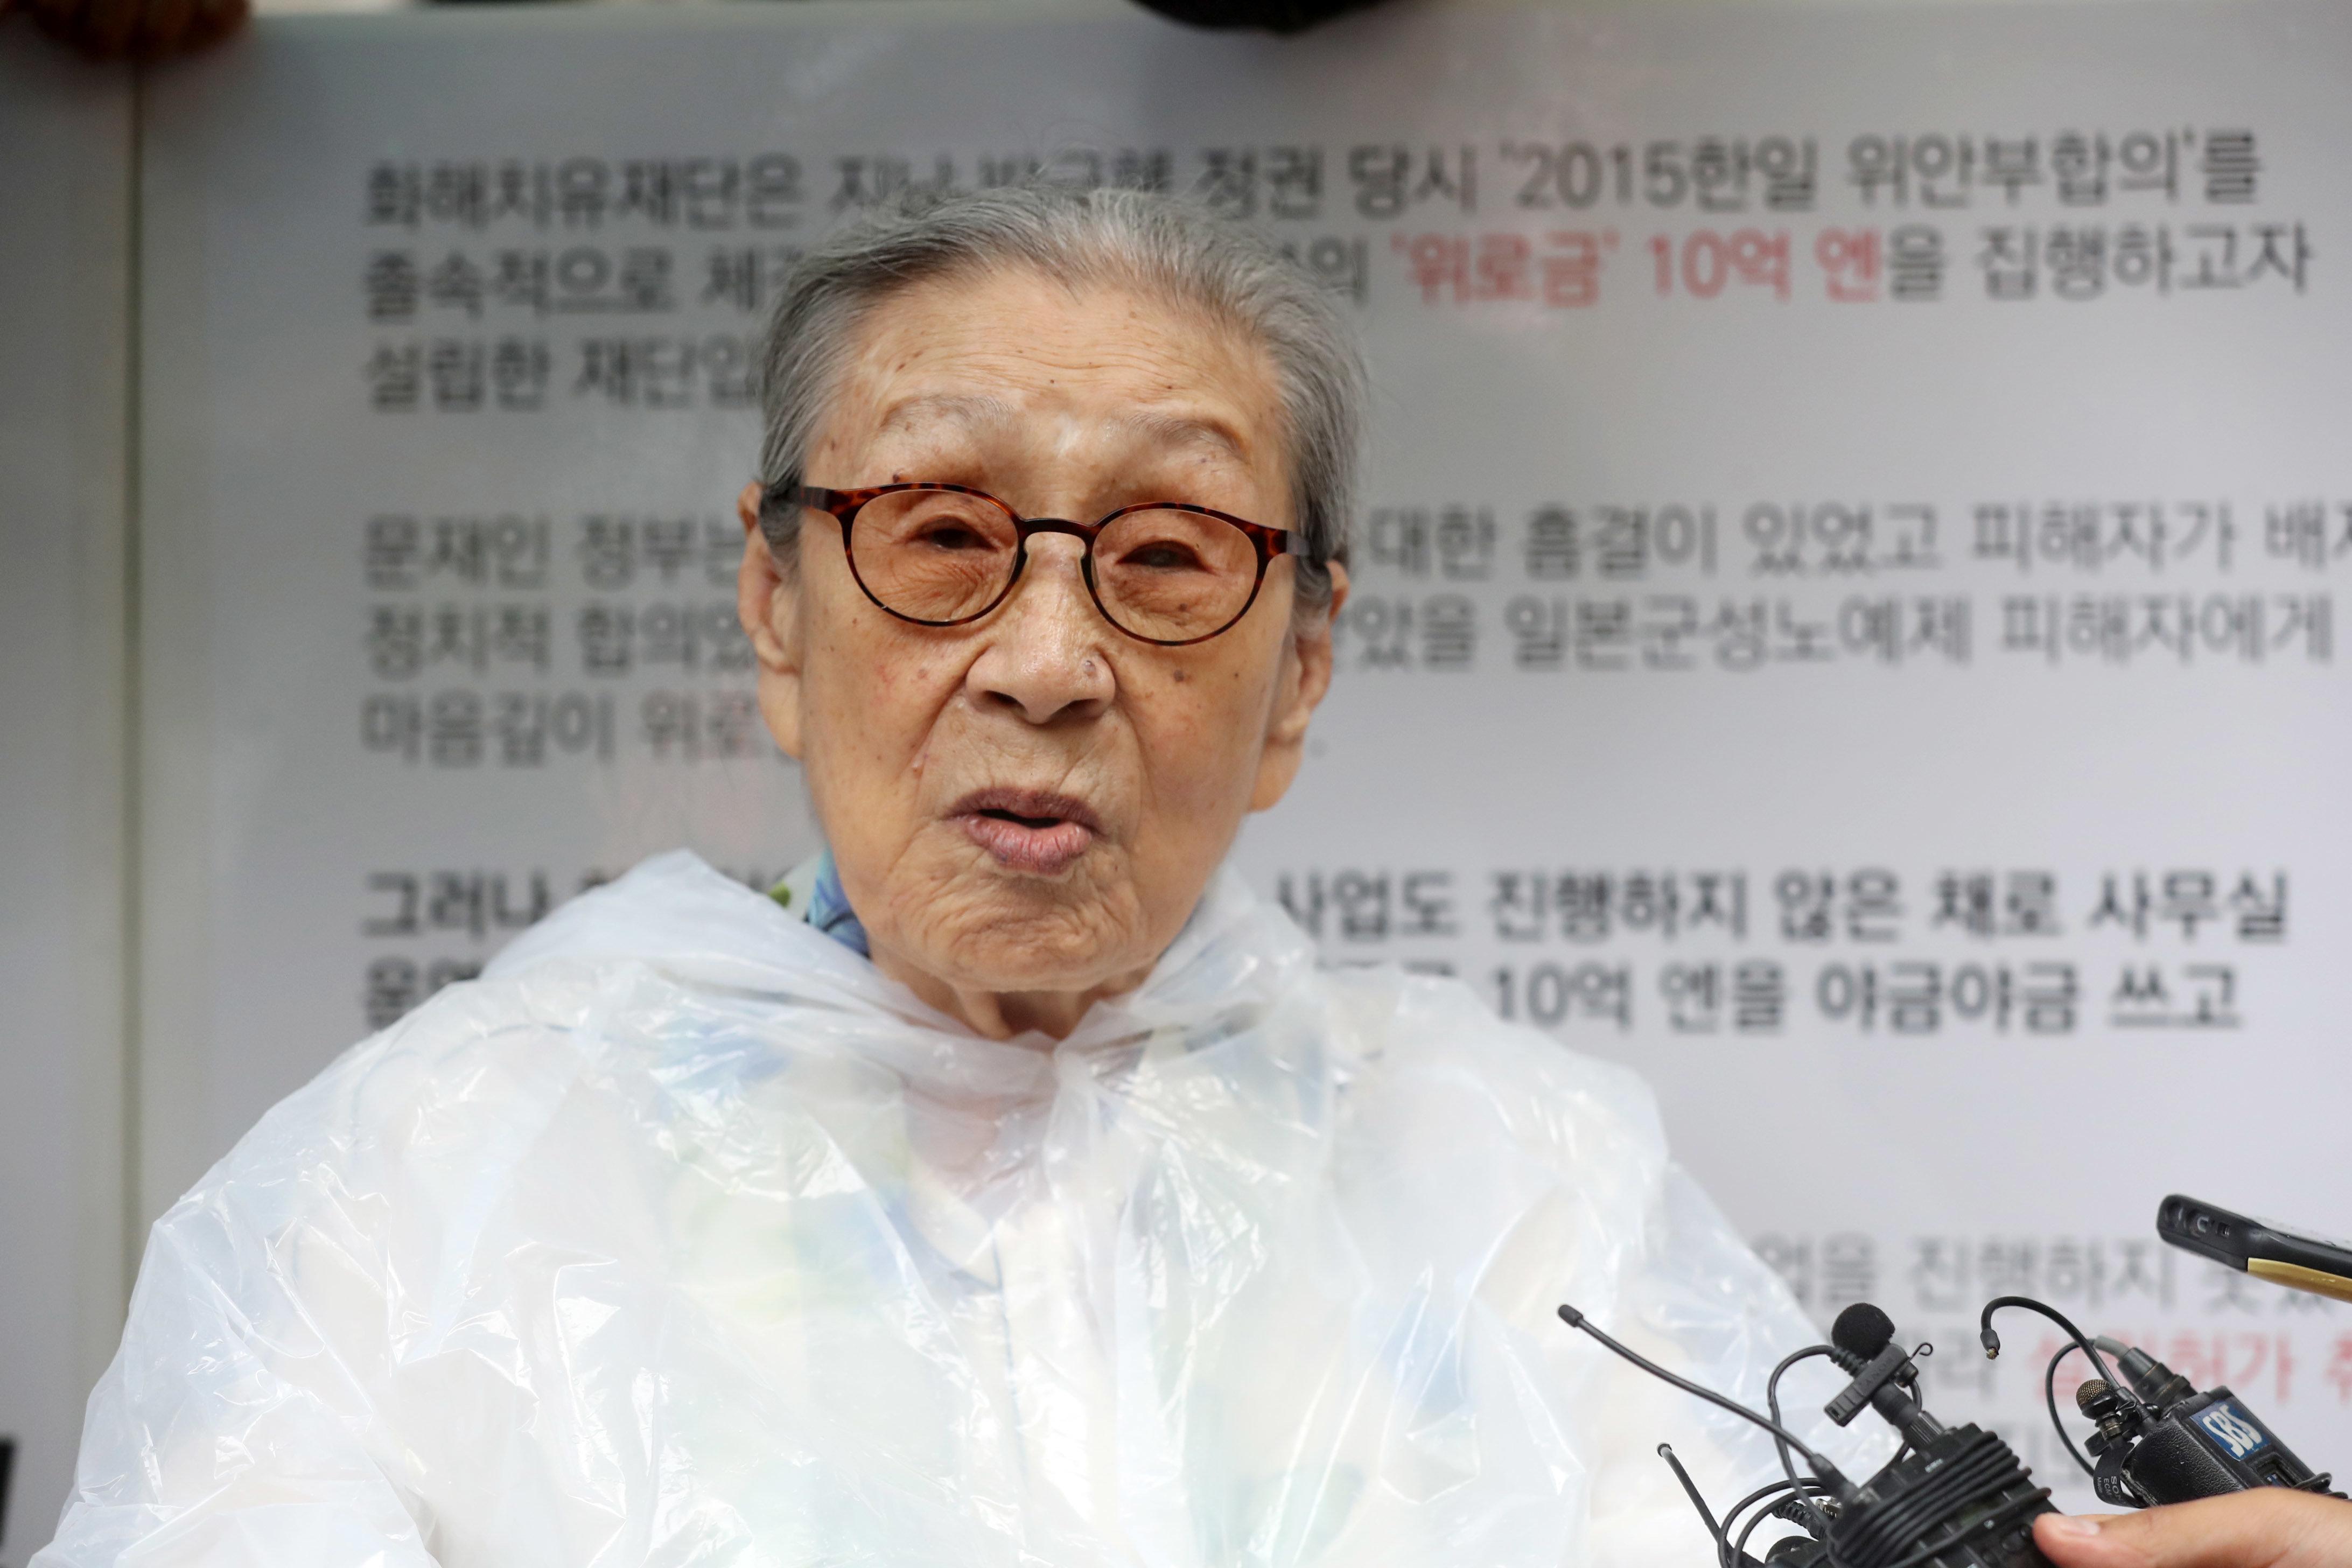 인권운동가로 살아온 김복동 할머니가 마지막으로 남긴